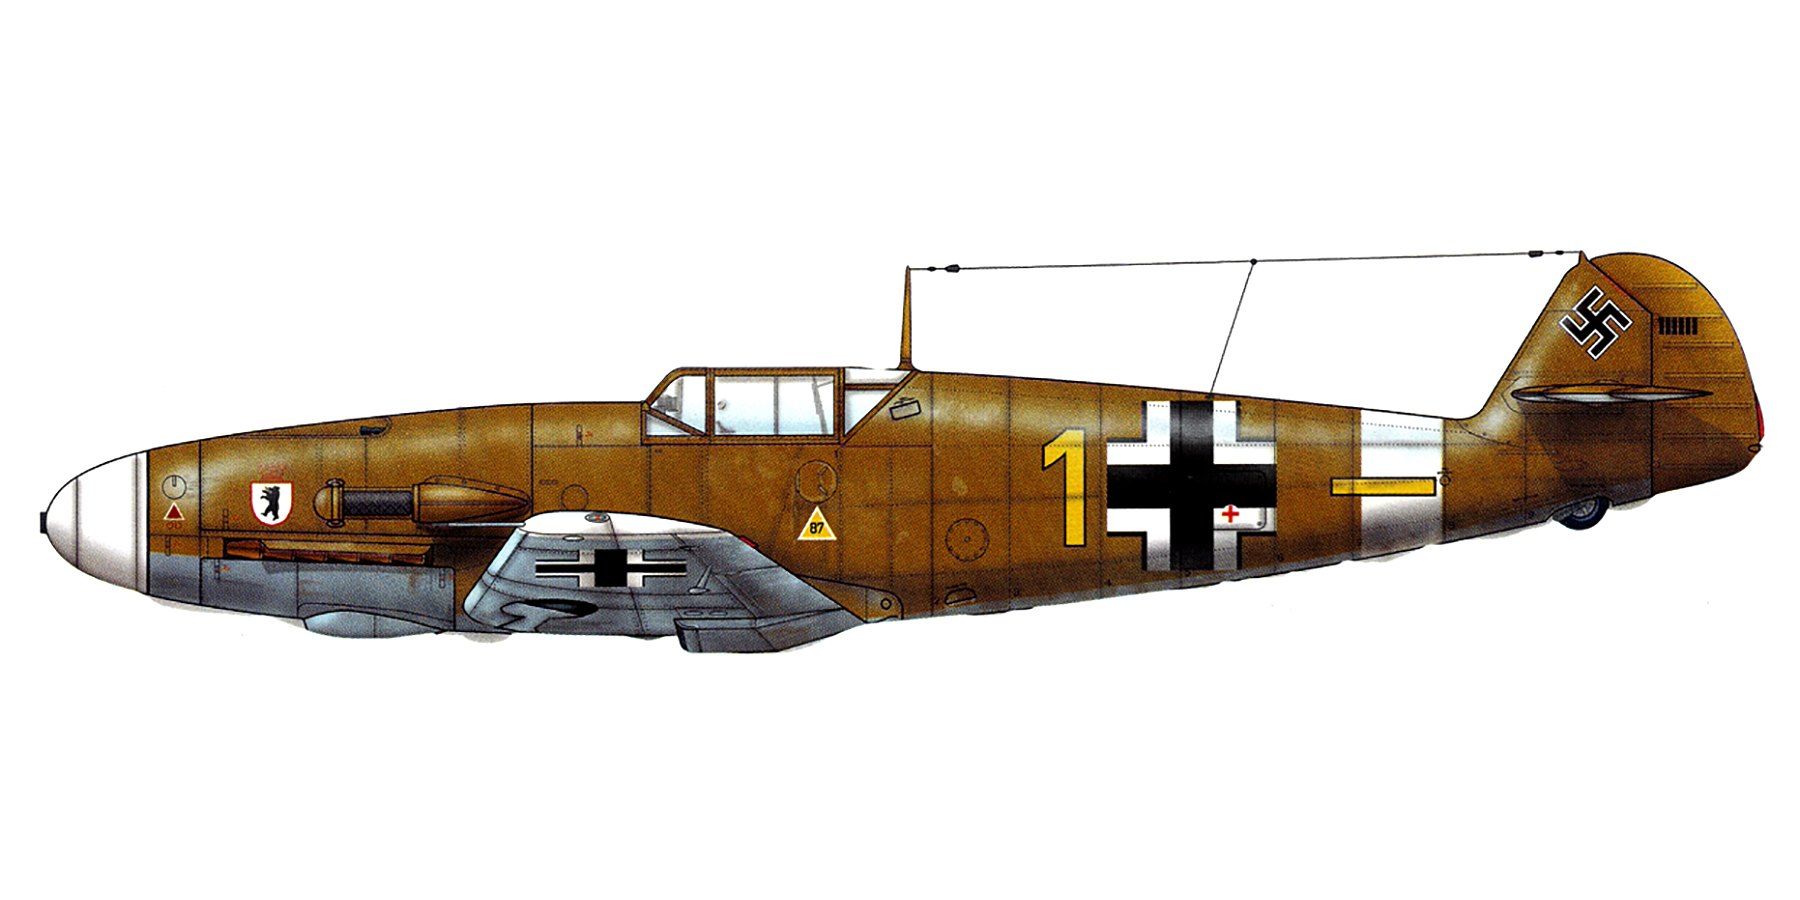 Messerschmitt Bf 109F4Trop 6.JG27 Yellow 1 Rudolf Rudi Sinner Tmimi Jun 1942 0C